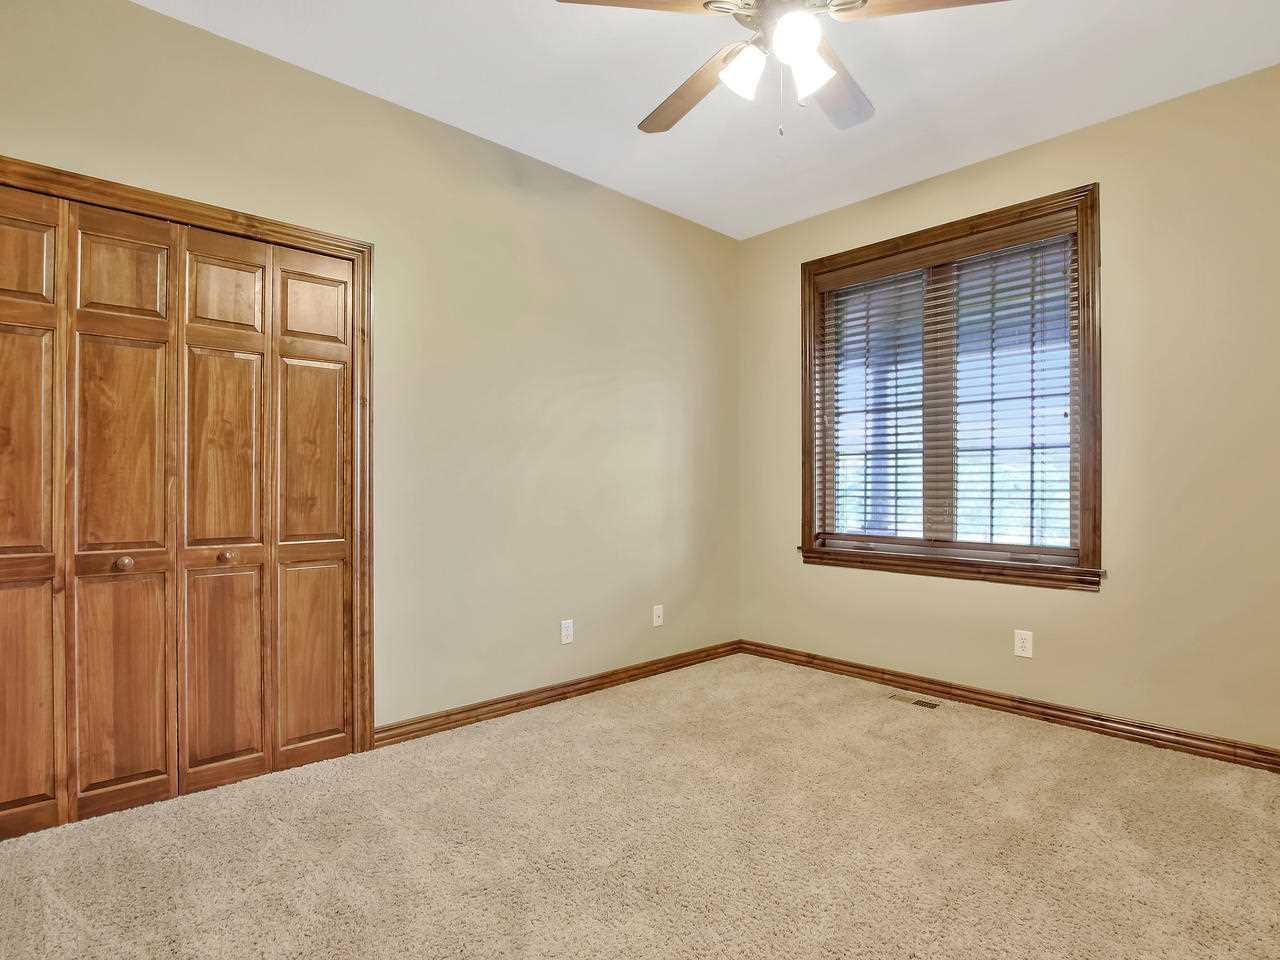 For Sale: 550 E 111th St S, Mulvane KS